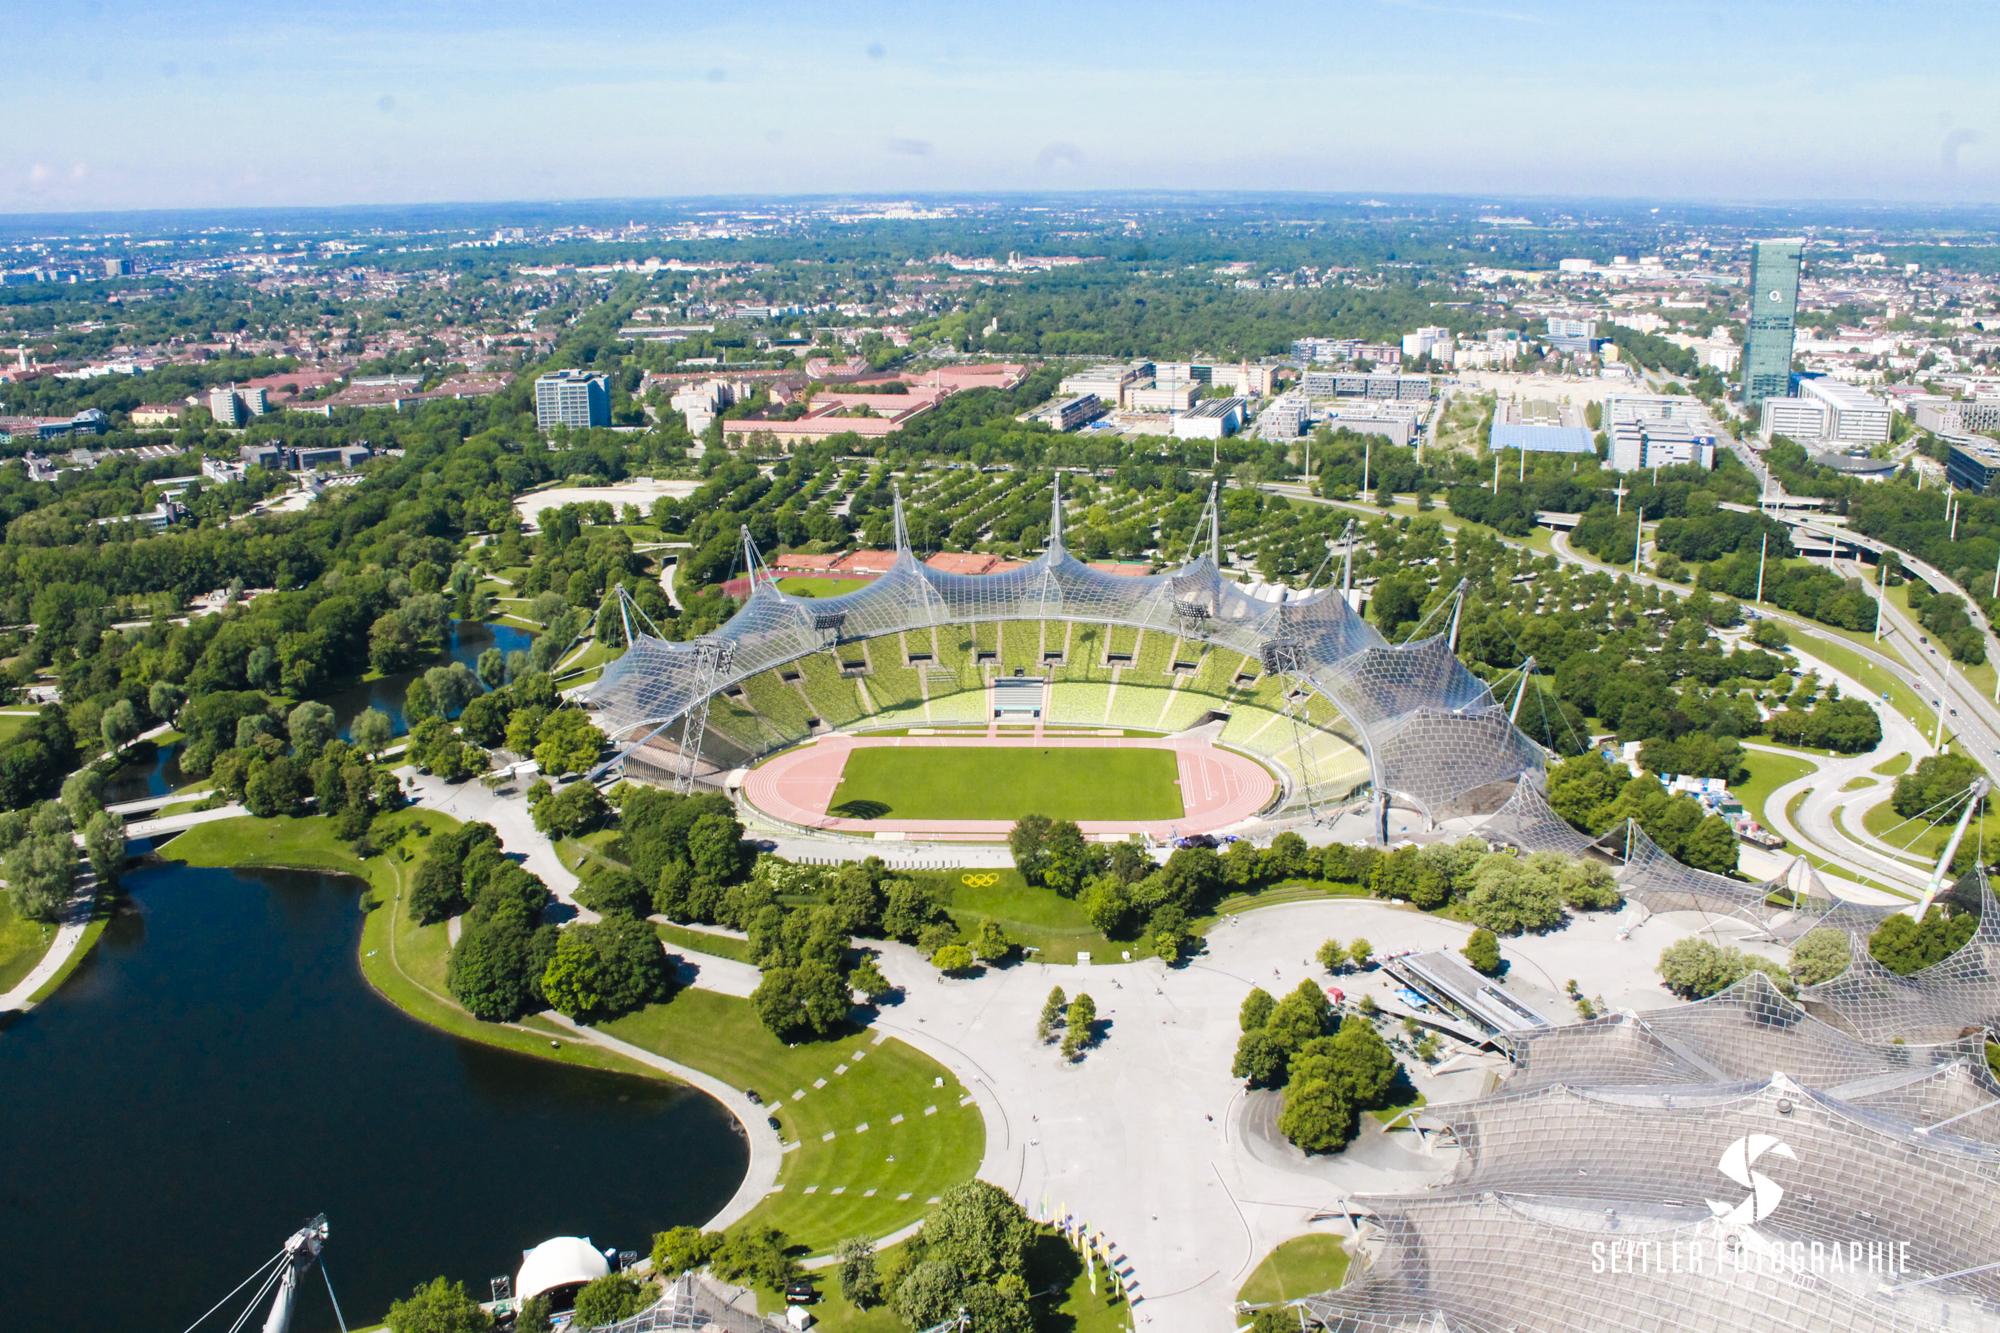 20180521_Monachium_JoannaRutkoSeitler_-5